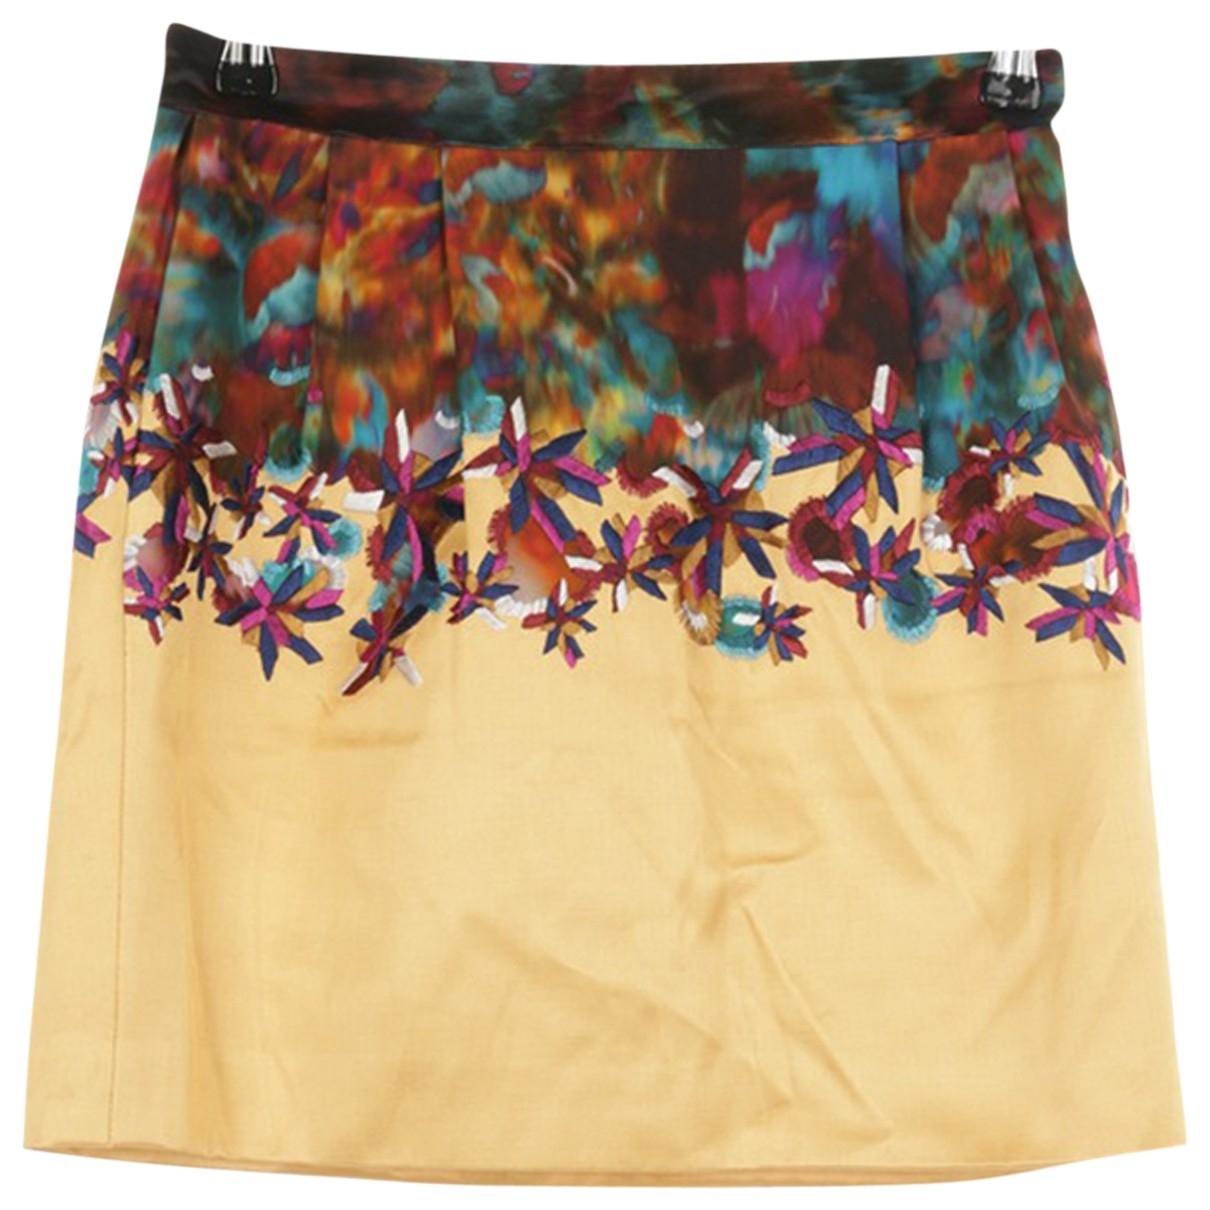 Erdem - Jupe   pour femme en soie - multicolore